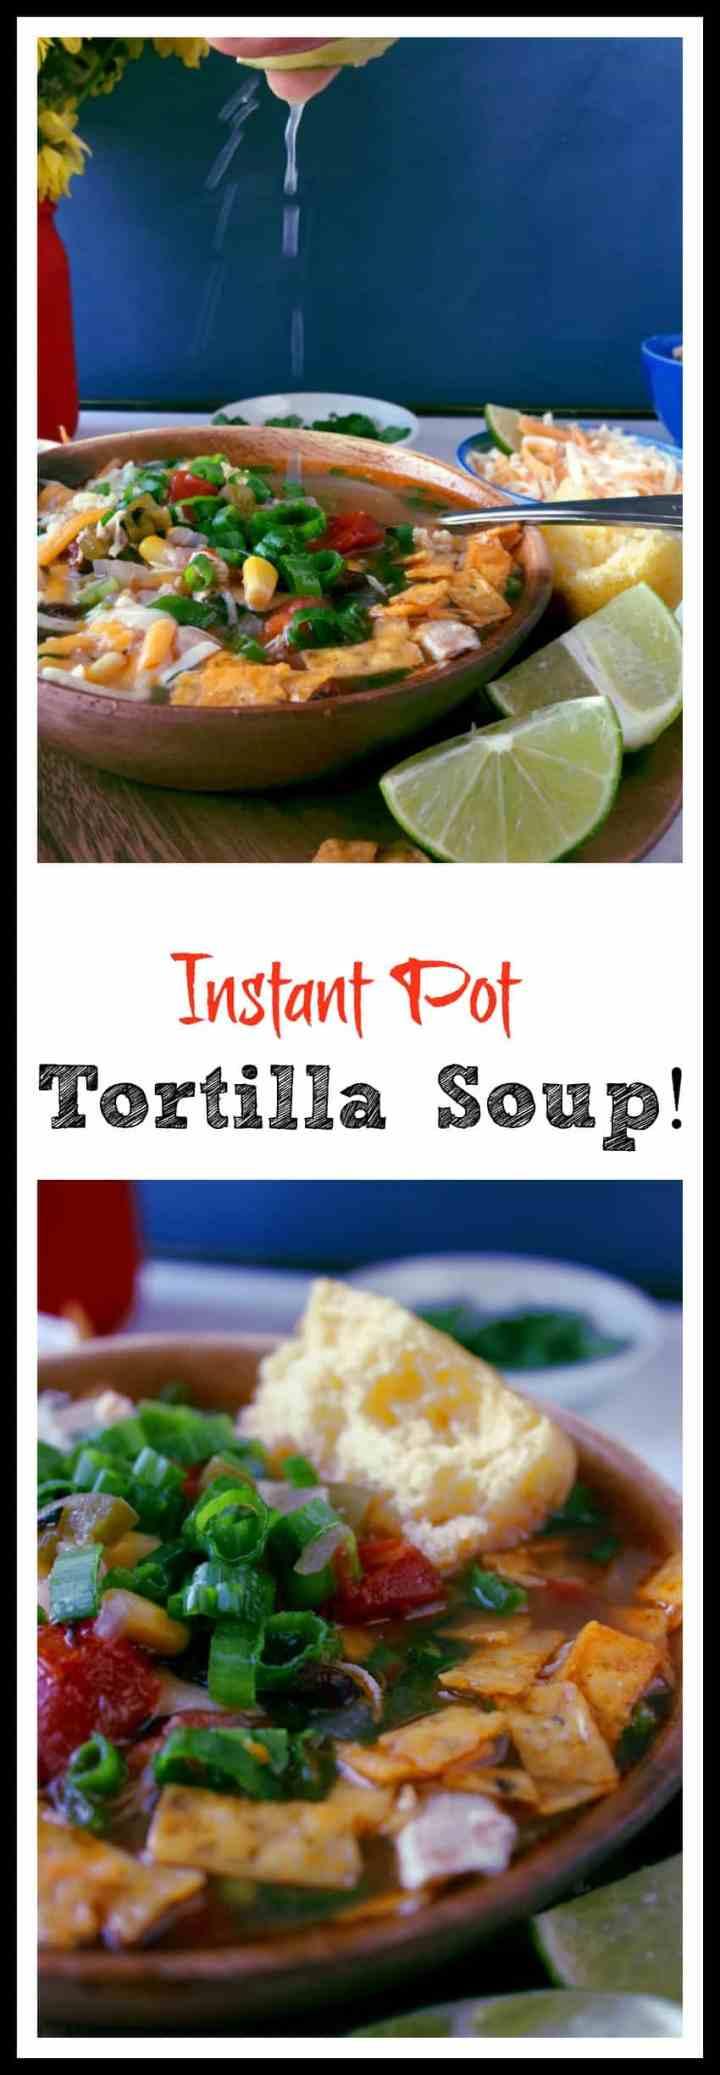 Instant Pot Tortilla Soup